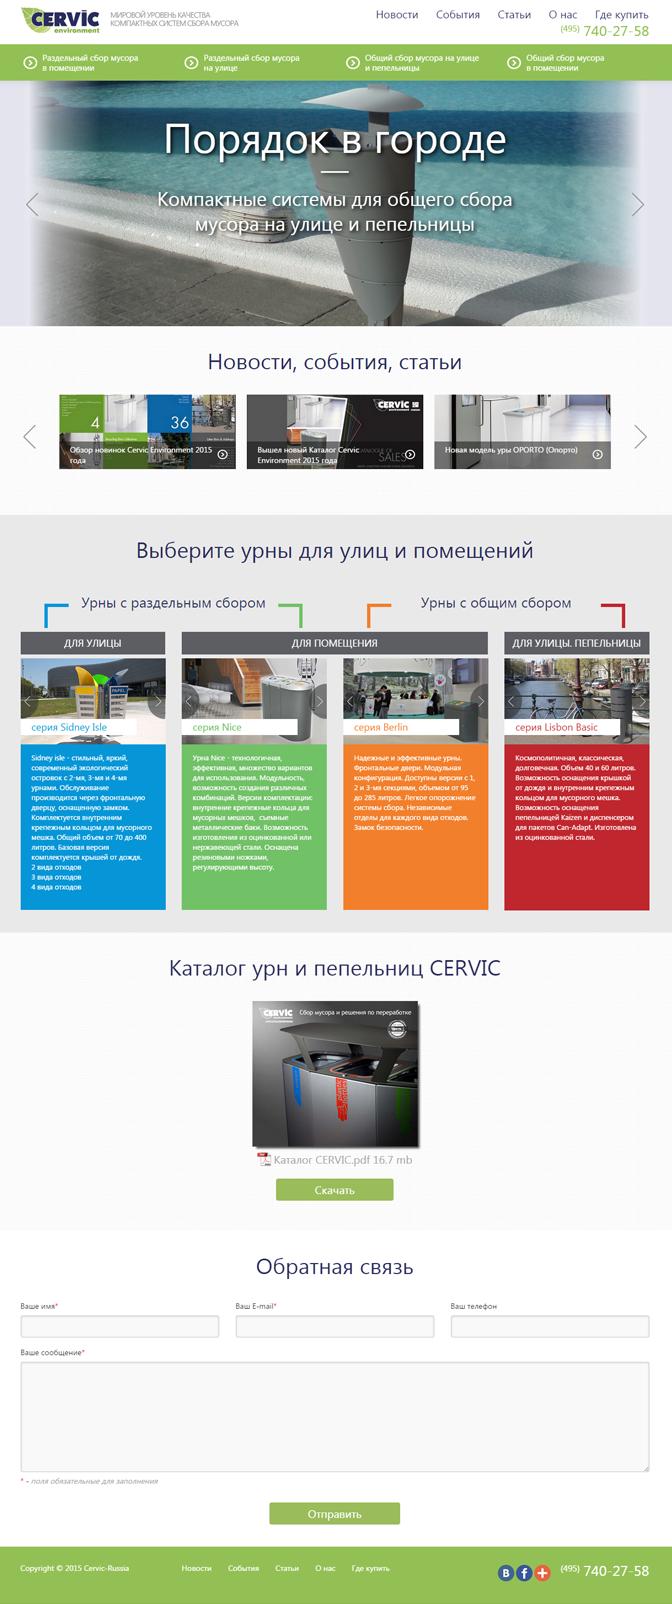 Сайт компании айни зодчий строительная компания официальный сайт саратов